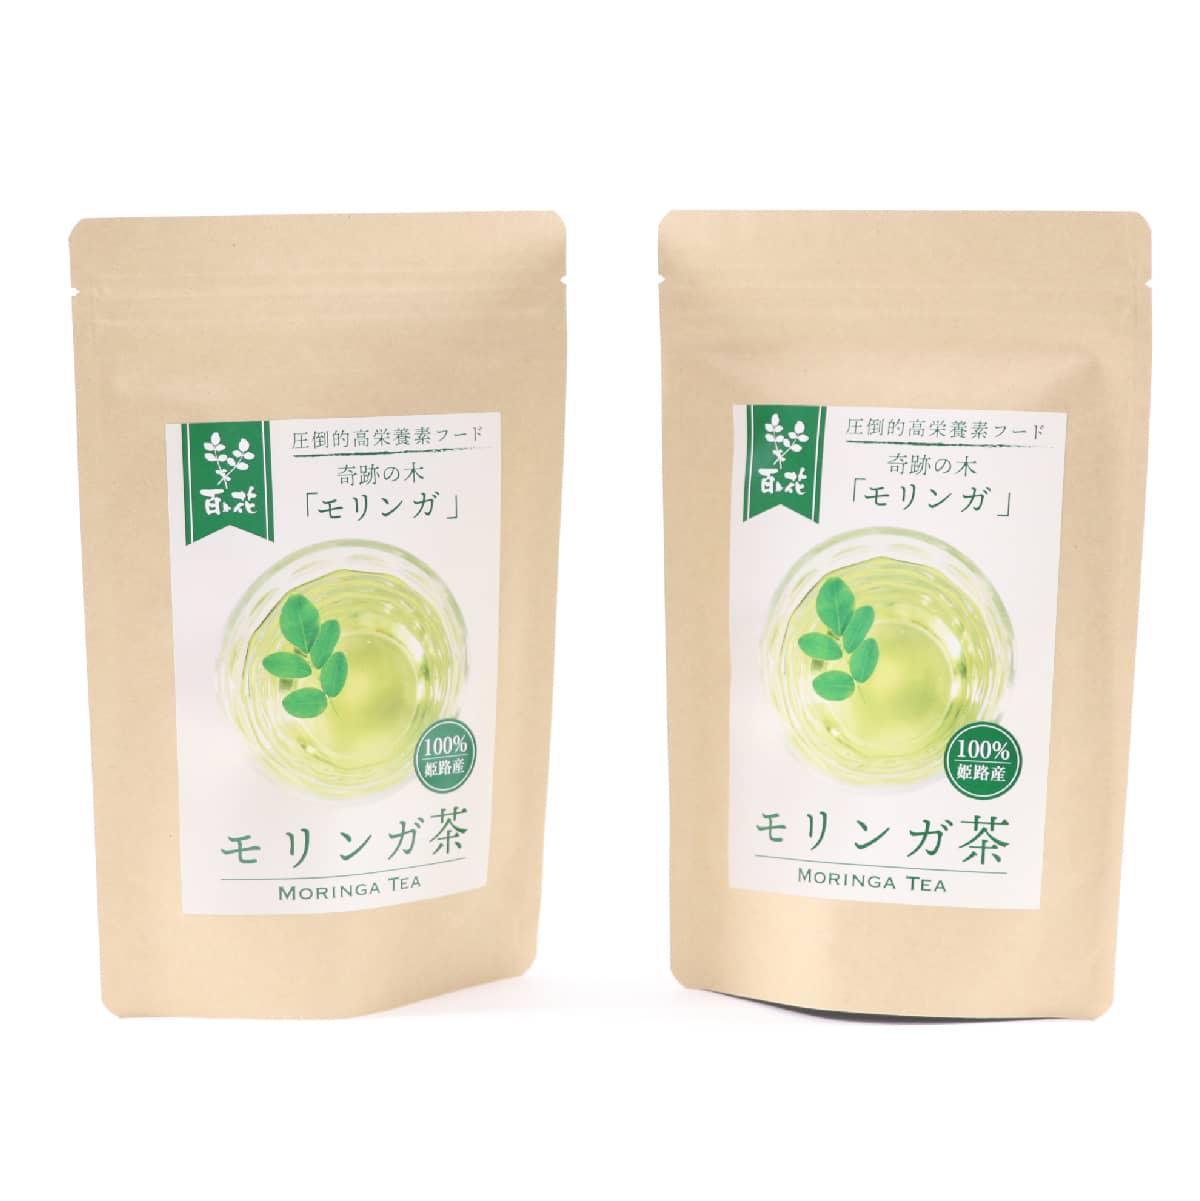 モリンガ茶(2g×20包入り)2パックセット